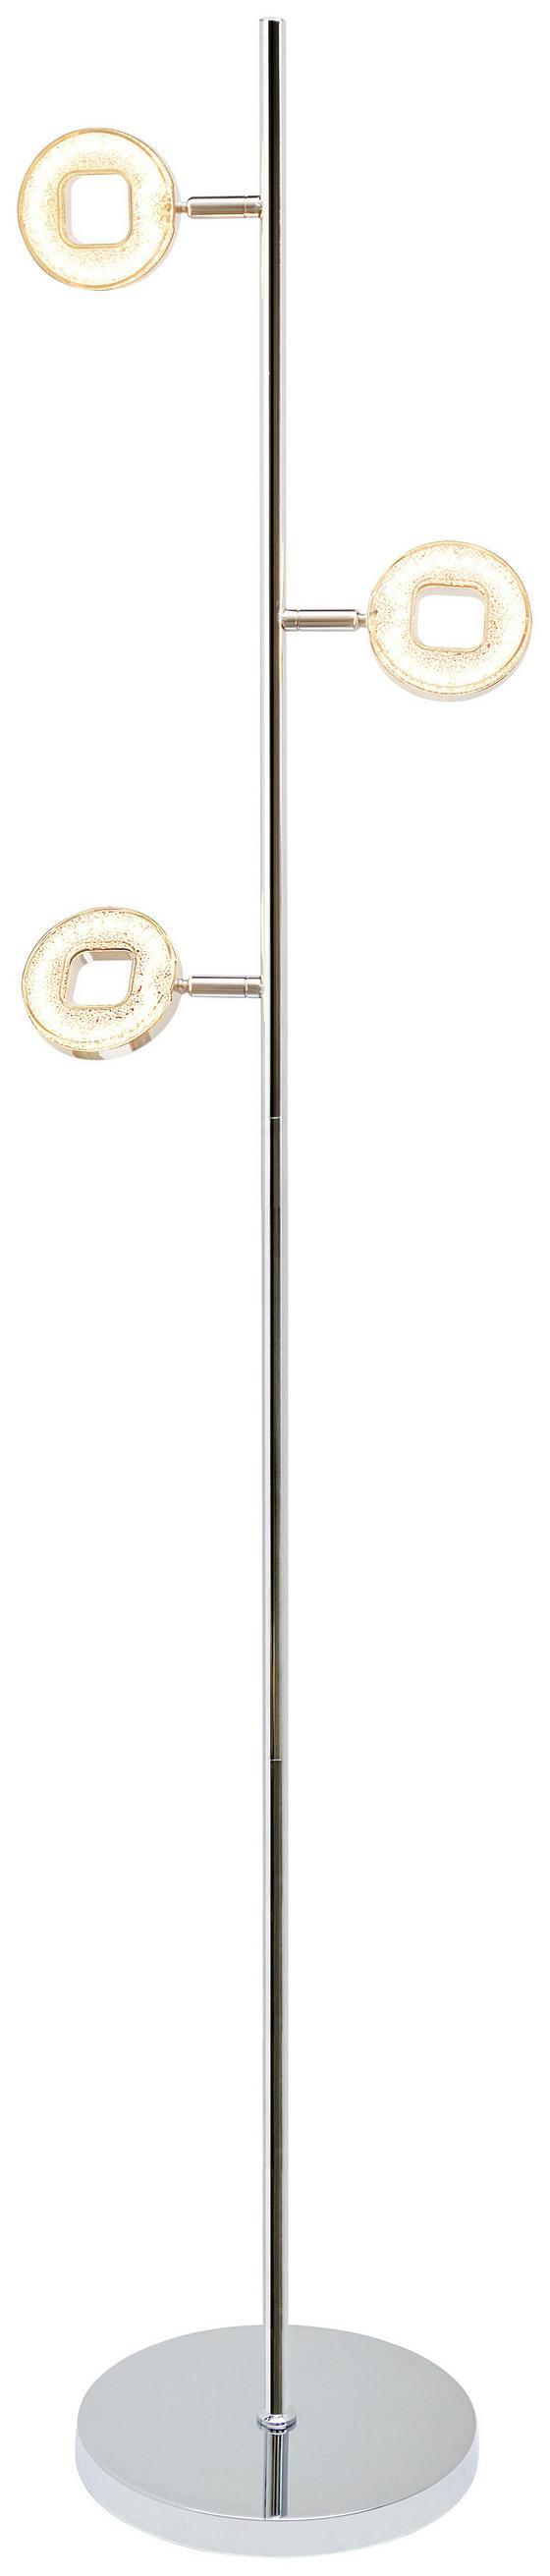 LED-Stehleuchte Pamela - MODERN, Kunststoff/Metall (150cm) - Luca Bessoni